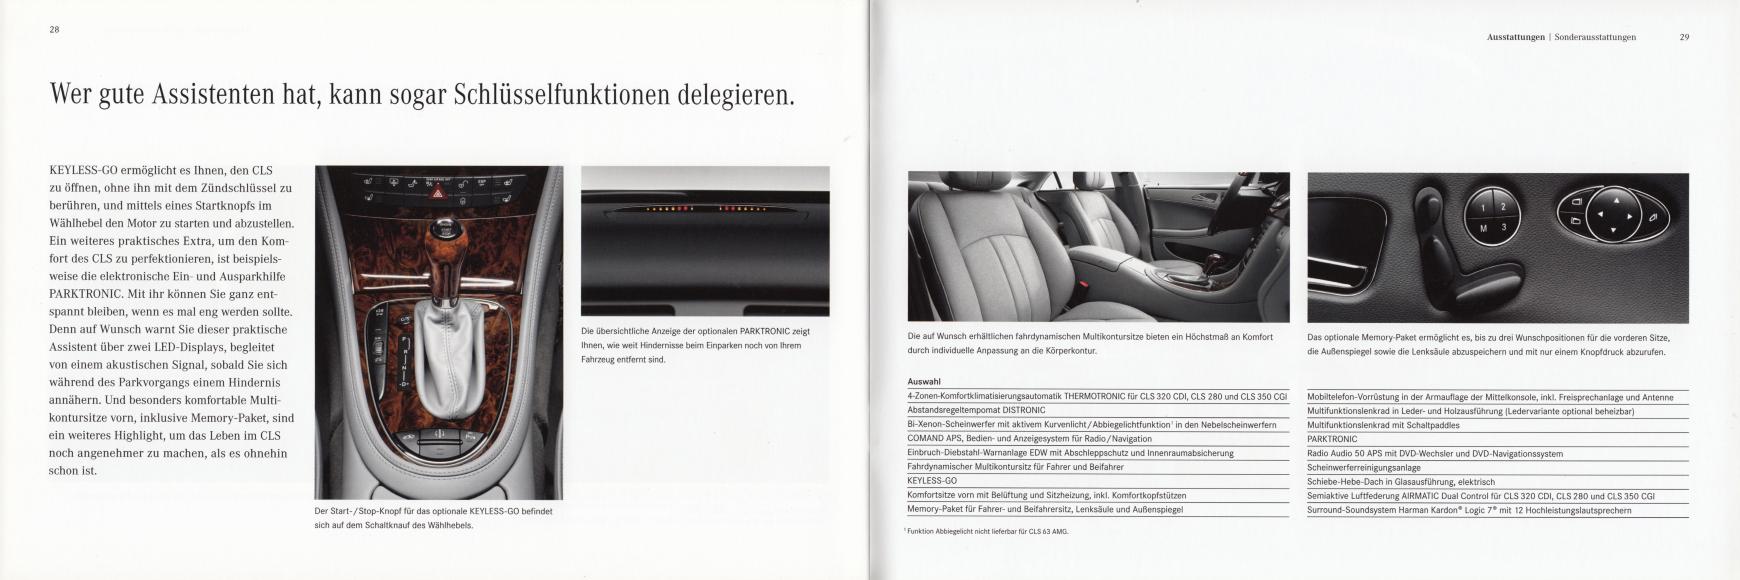 (C219): Catálogo 2008 - alemão 016